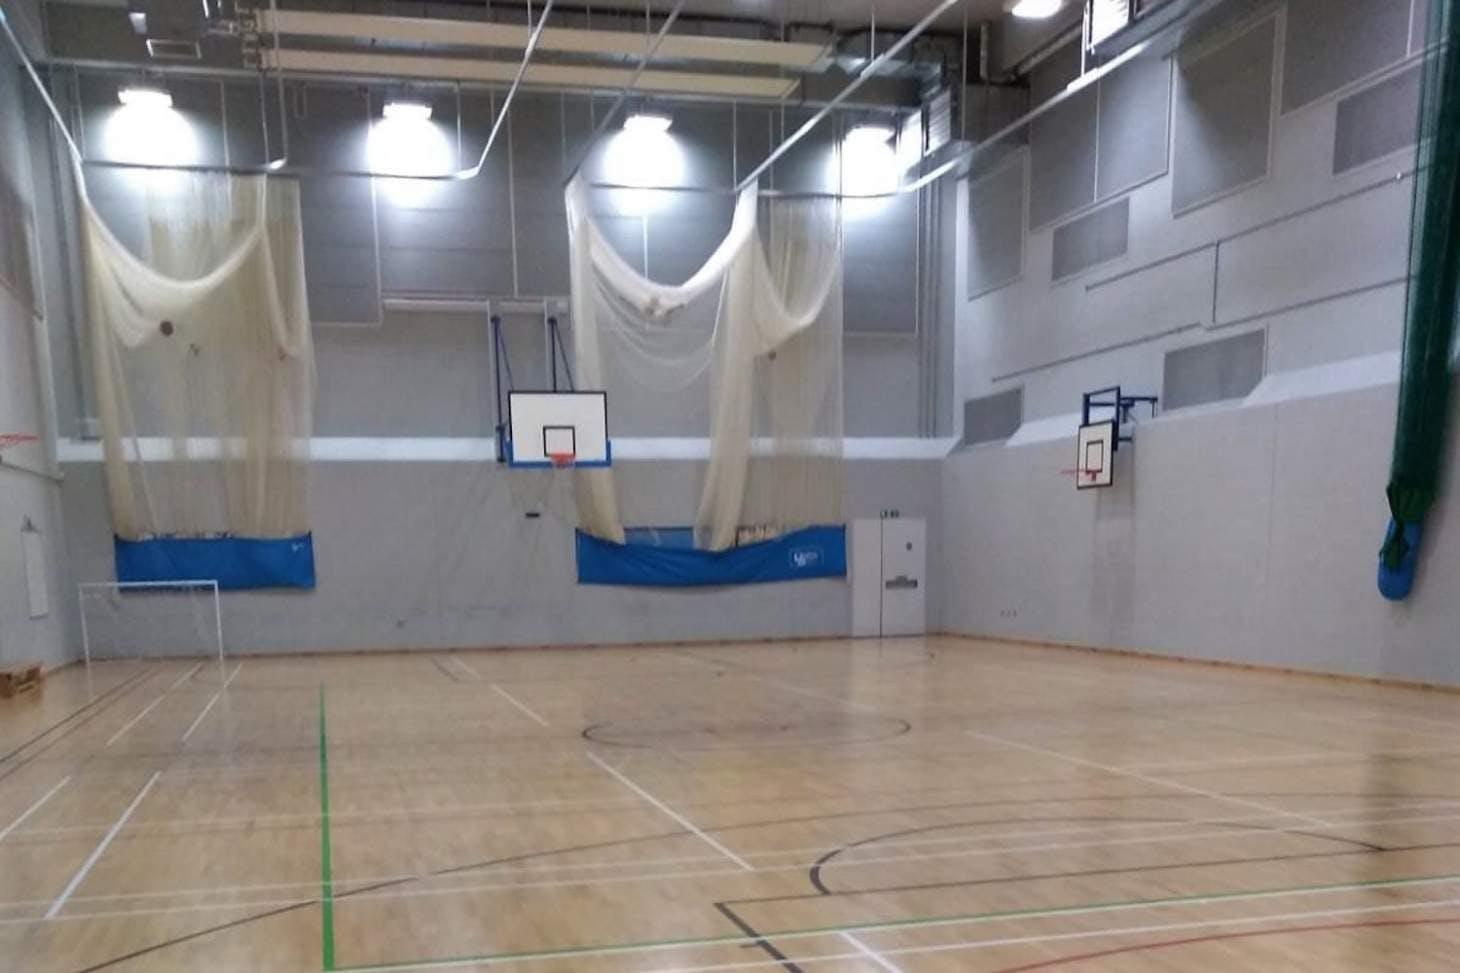 Kensington Aldridge Academy Indoor basketball court